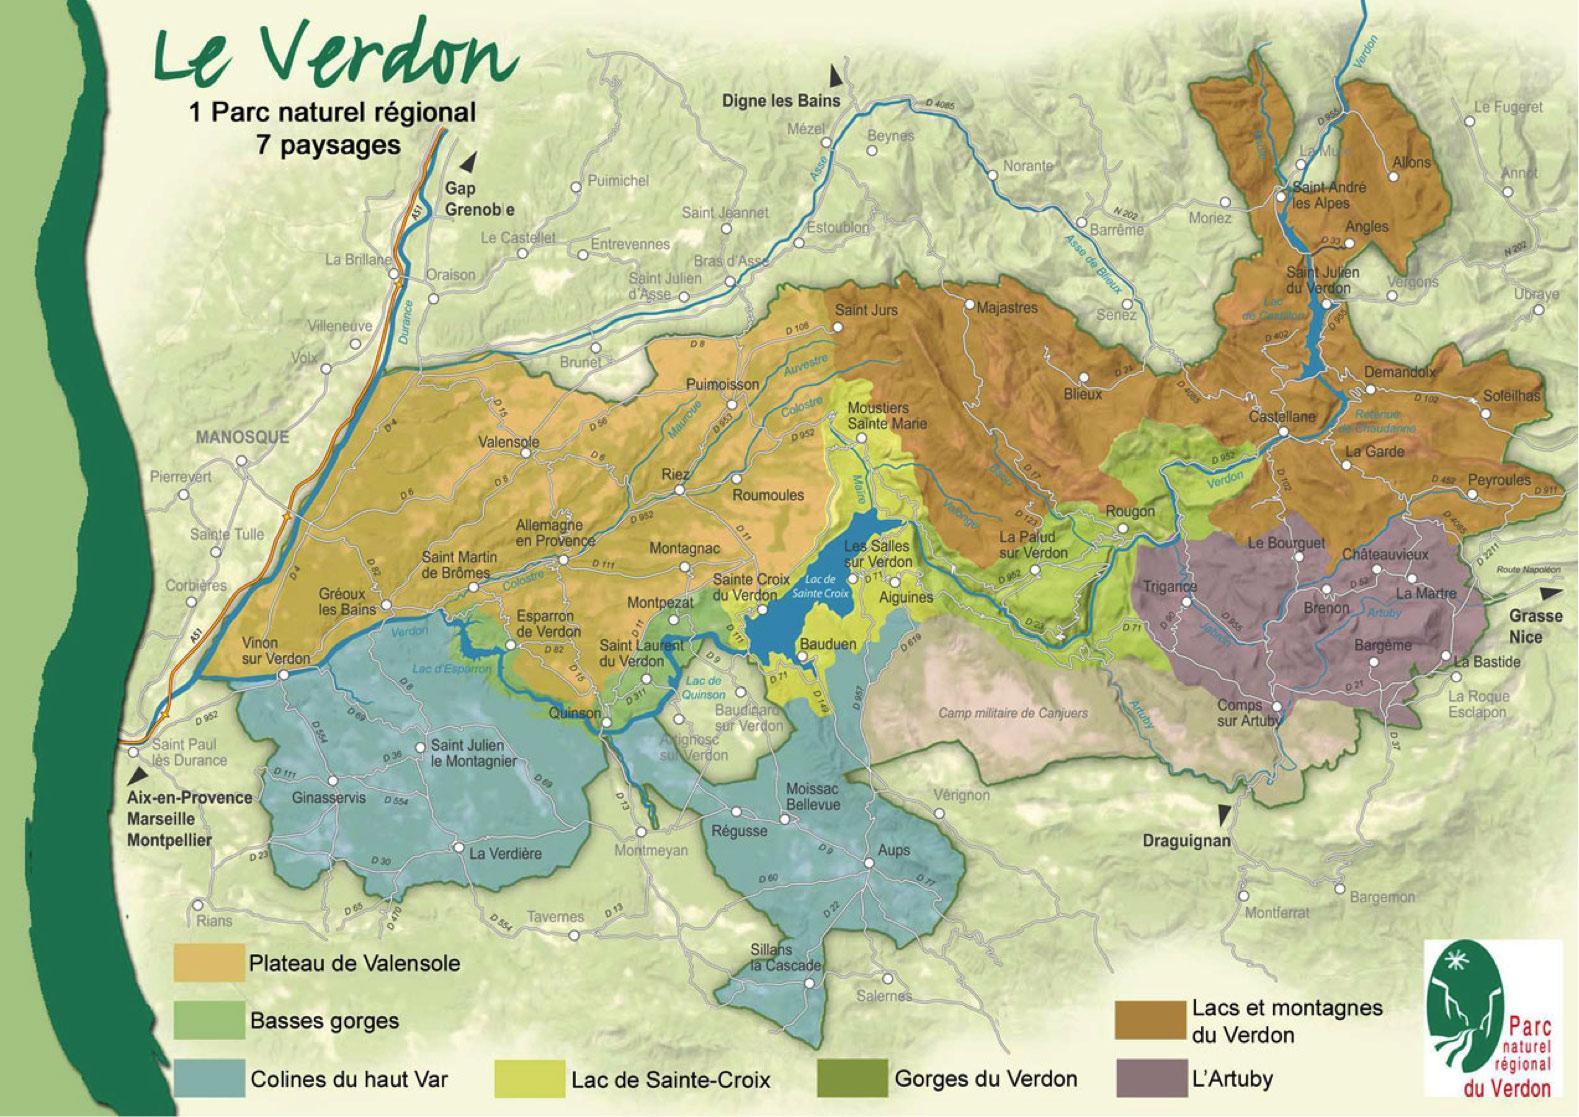 Carte du Parc Naturel Régional du Verdon & ses 7 paysages